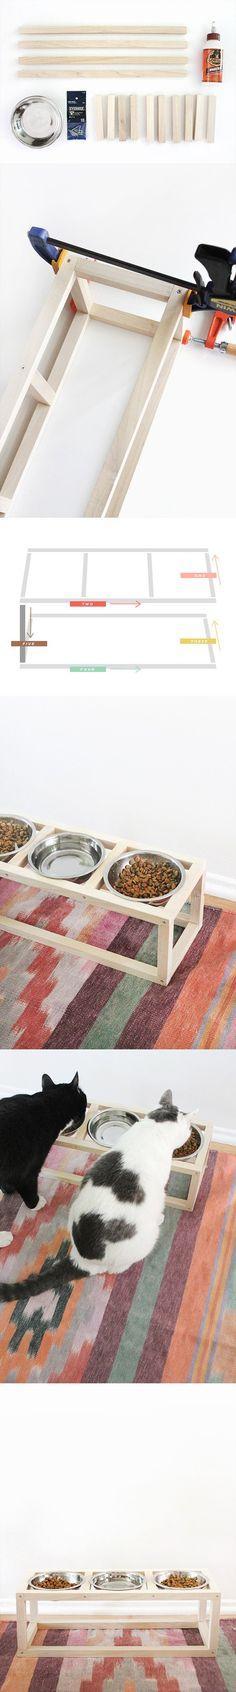 comedero-mascotas-diy-muy-ingenioso-2